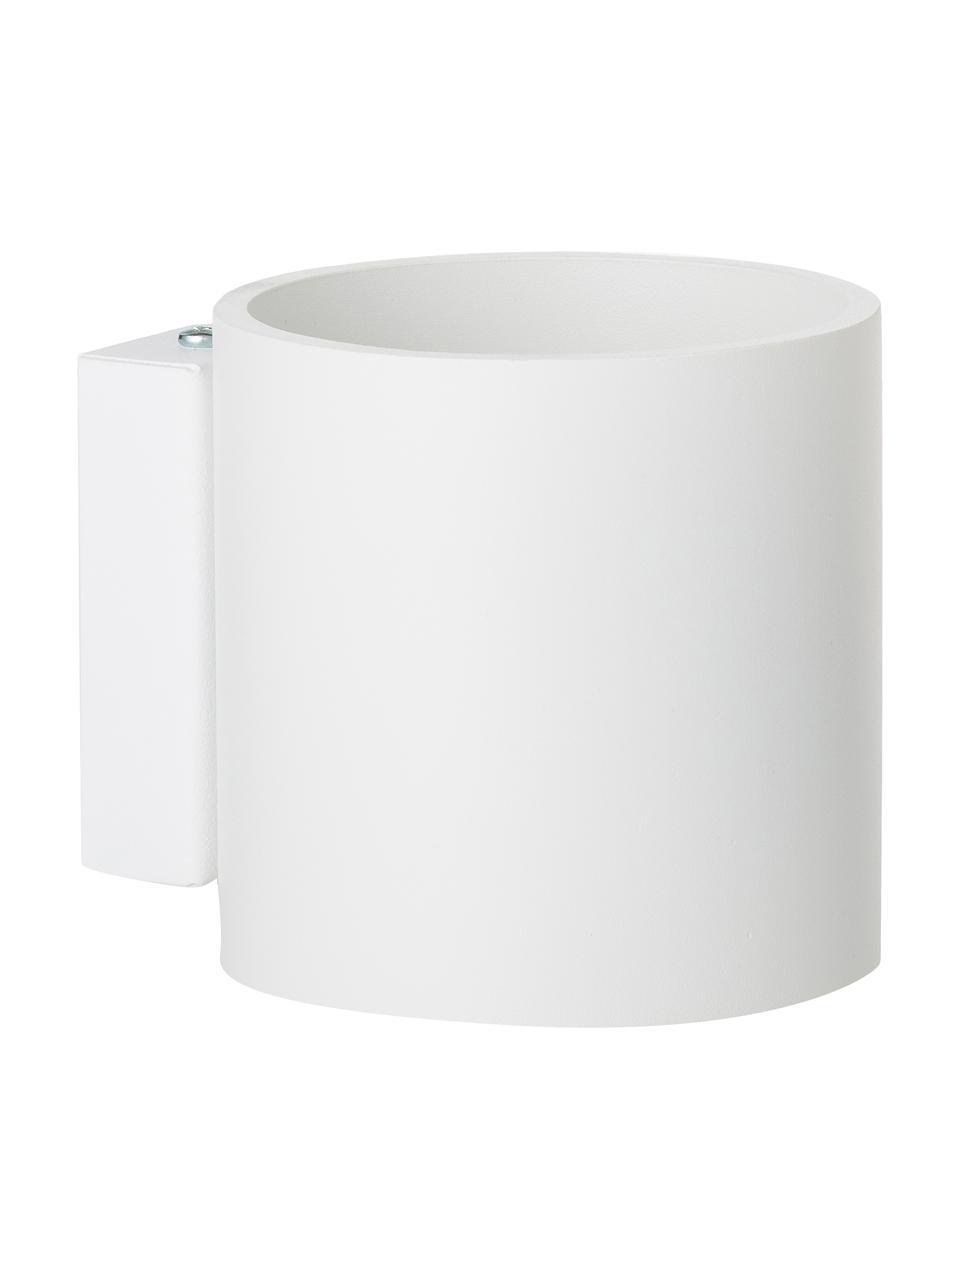 Kinkiet Roda, Biały, S 10 x W 10 cm